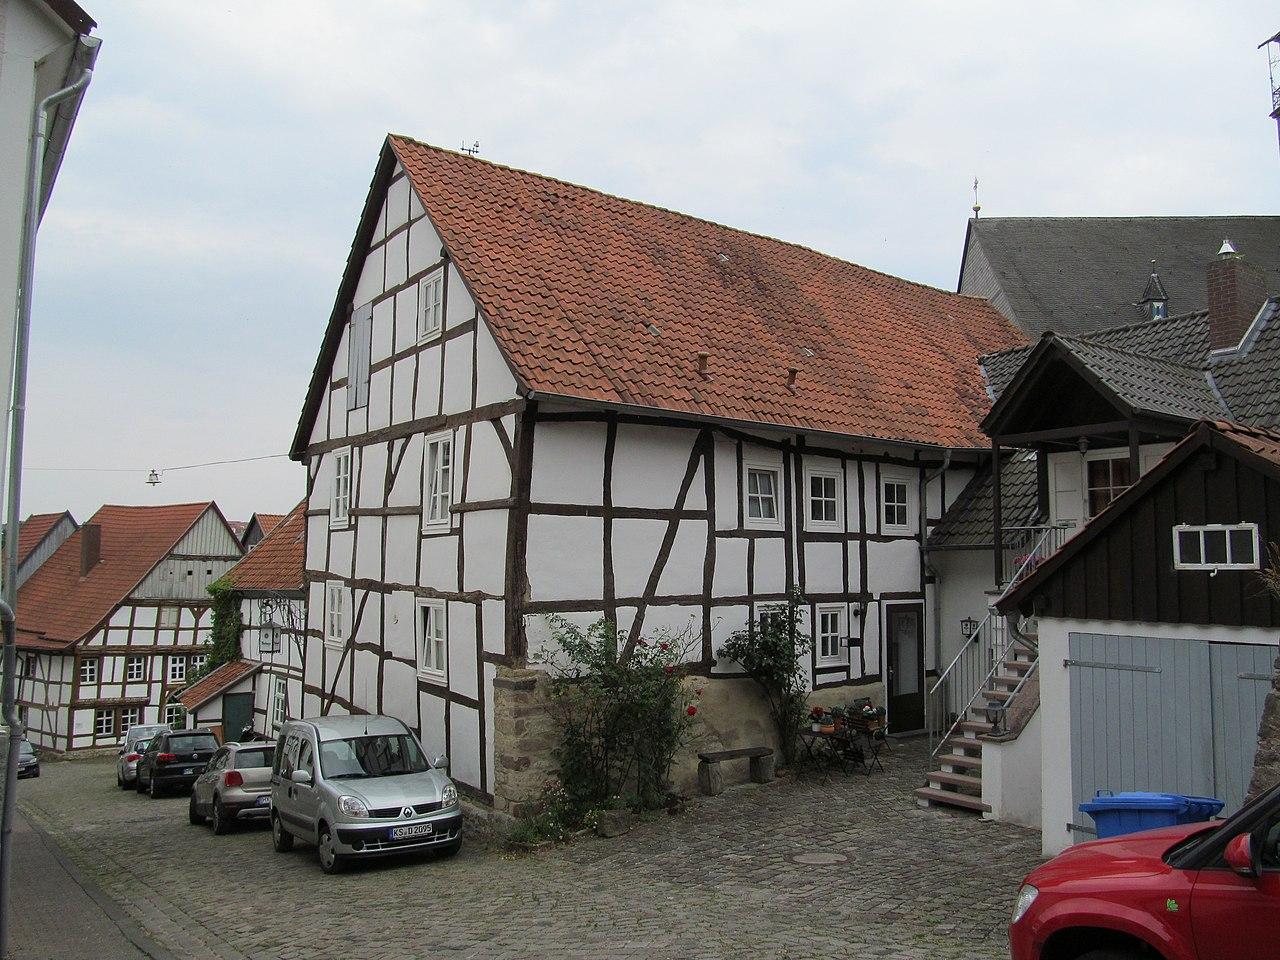 File:Sackstraße 1, 2, Warburg, Landkreis Höxter jpg